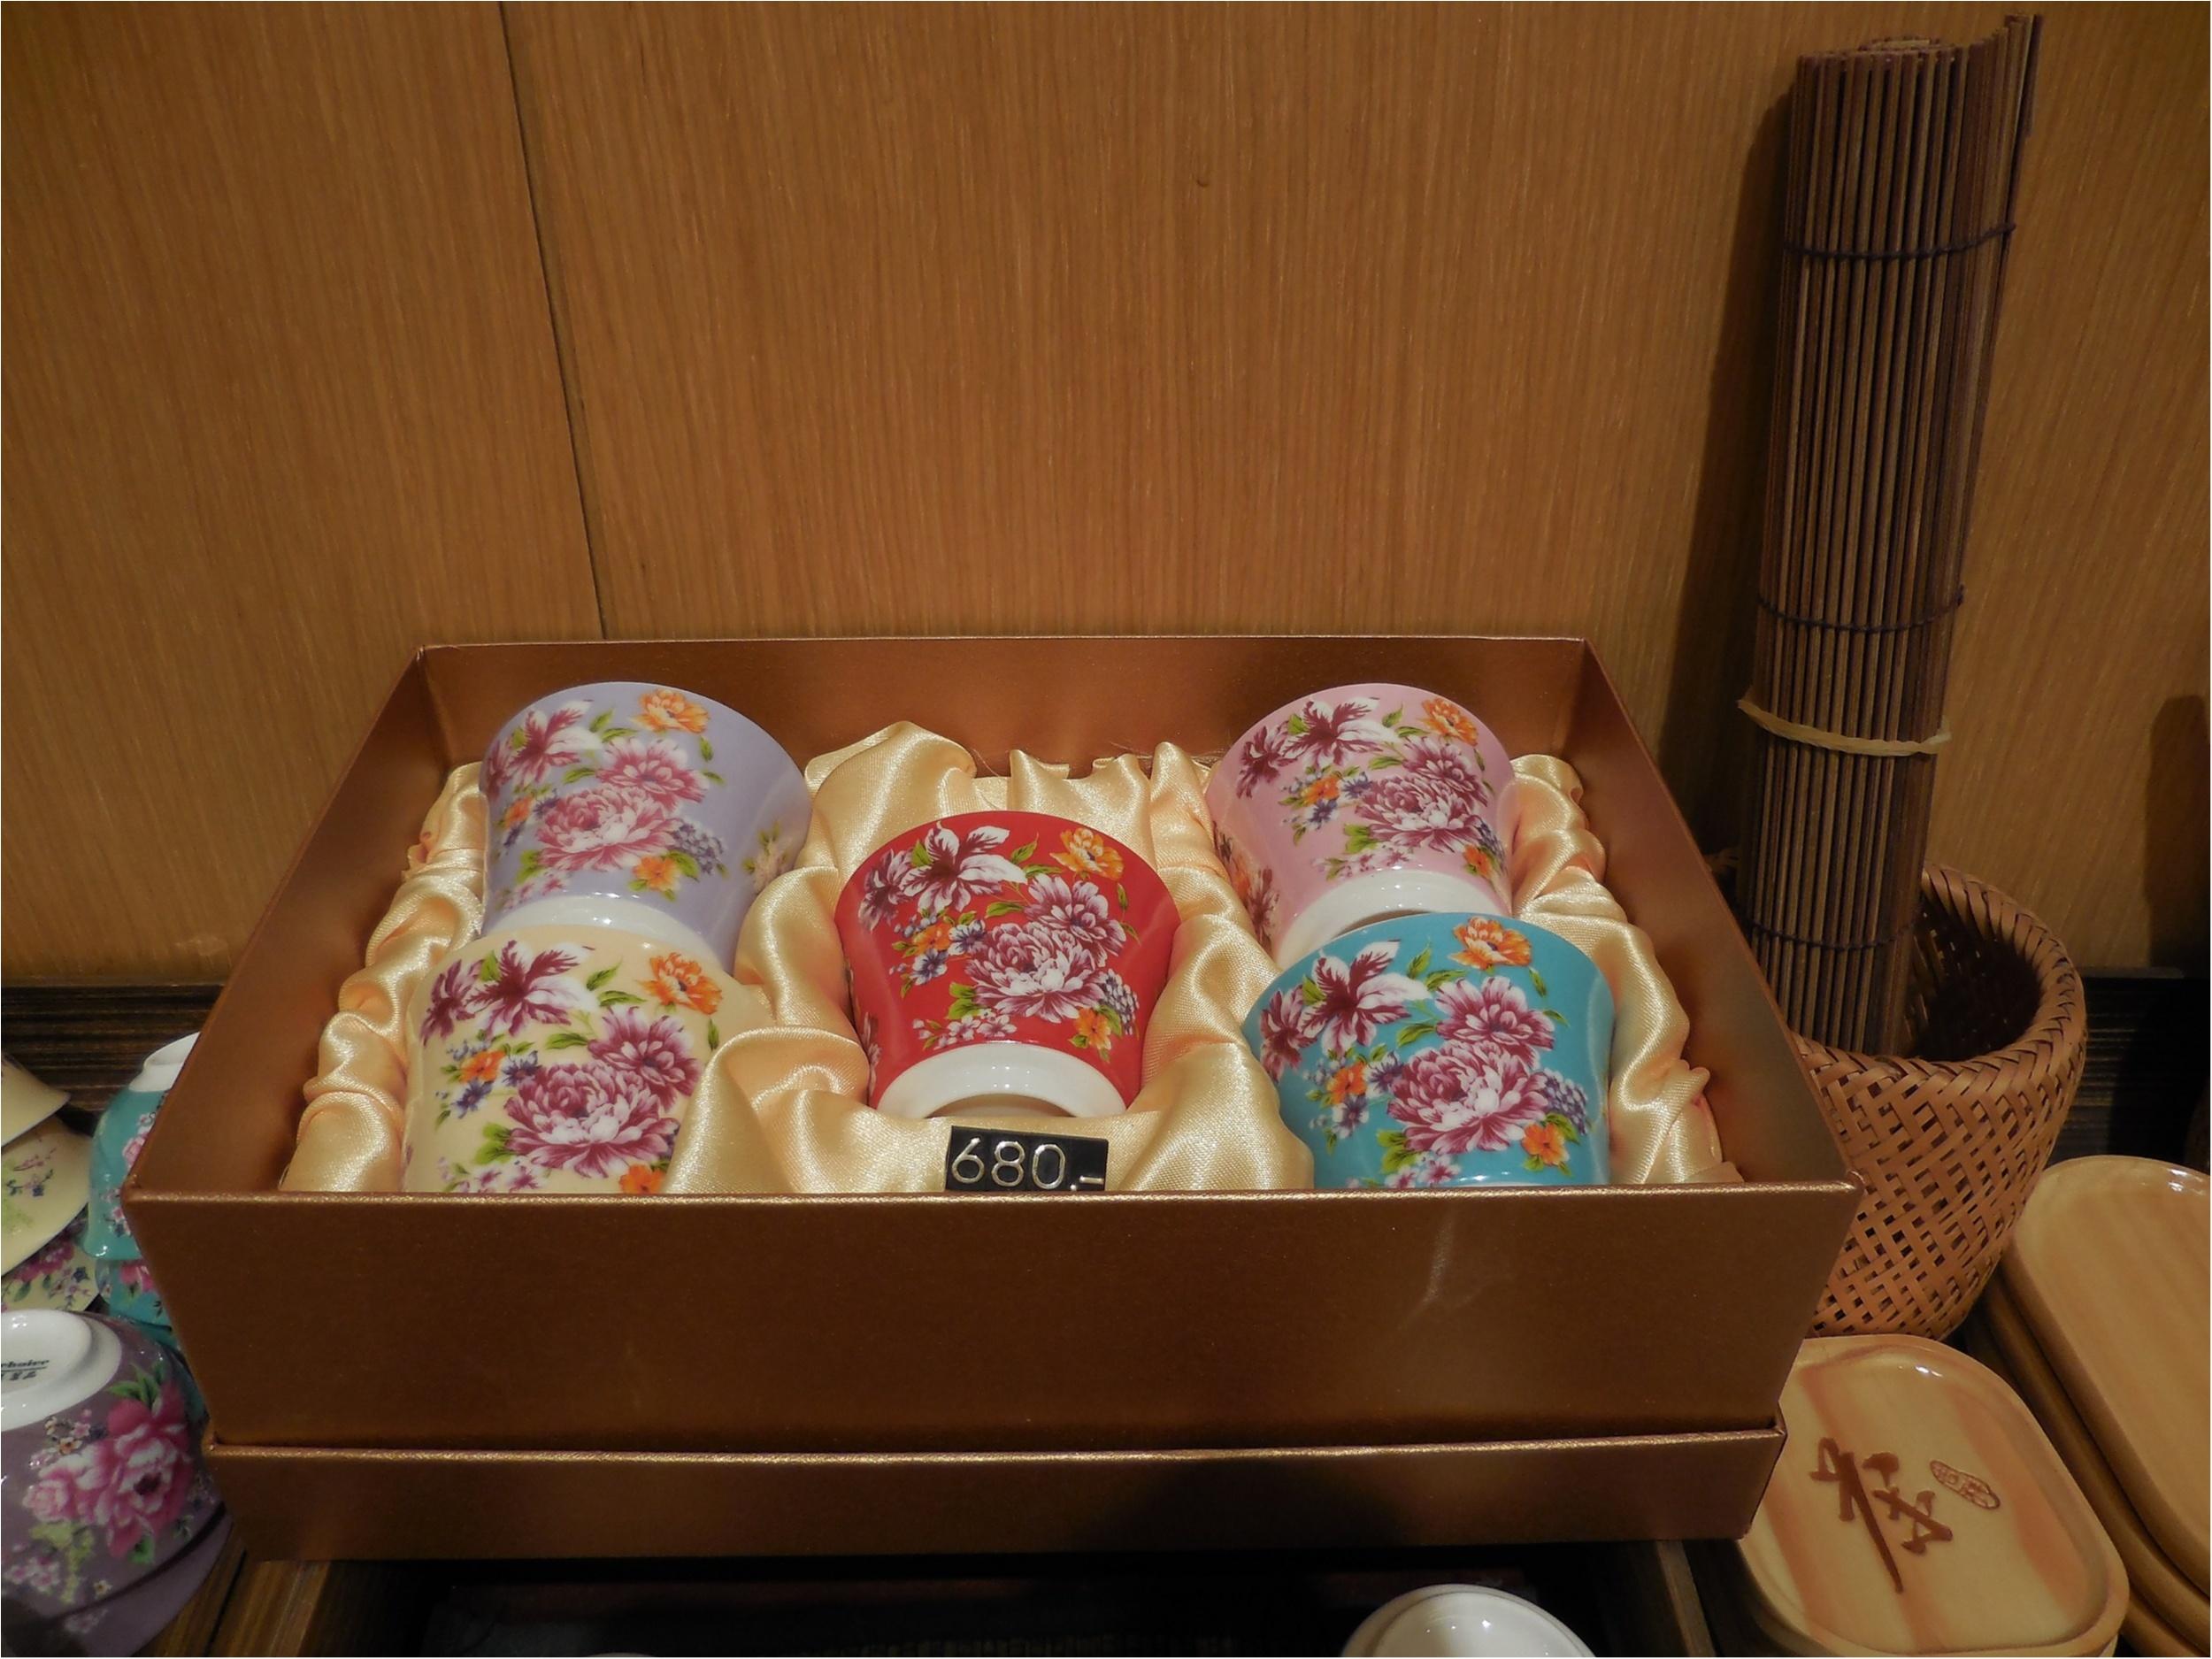 【台湾・台北】台湾花布をモチーフにした飲杯が最高に可愛い!_7